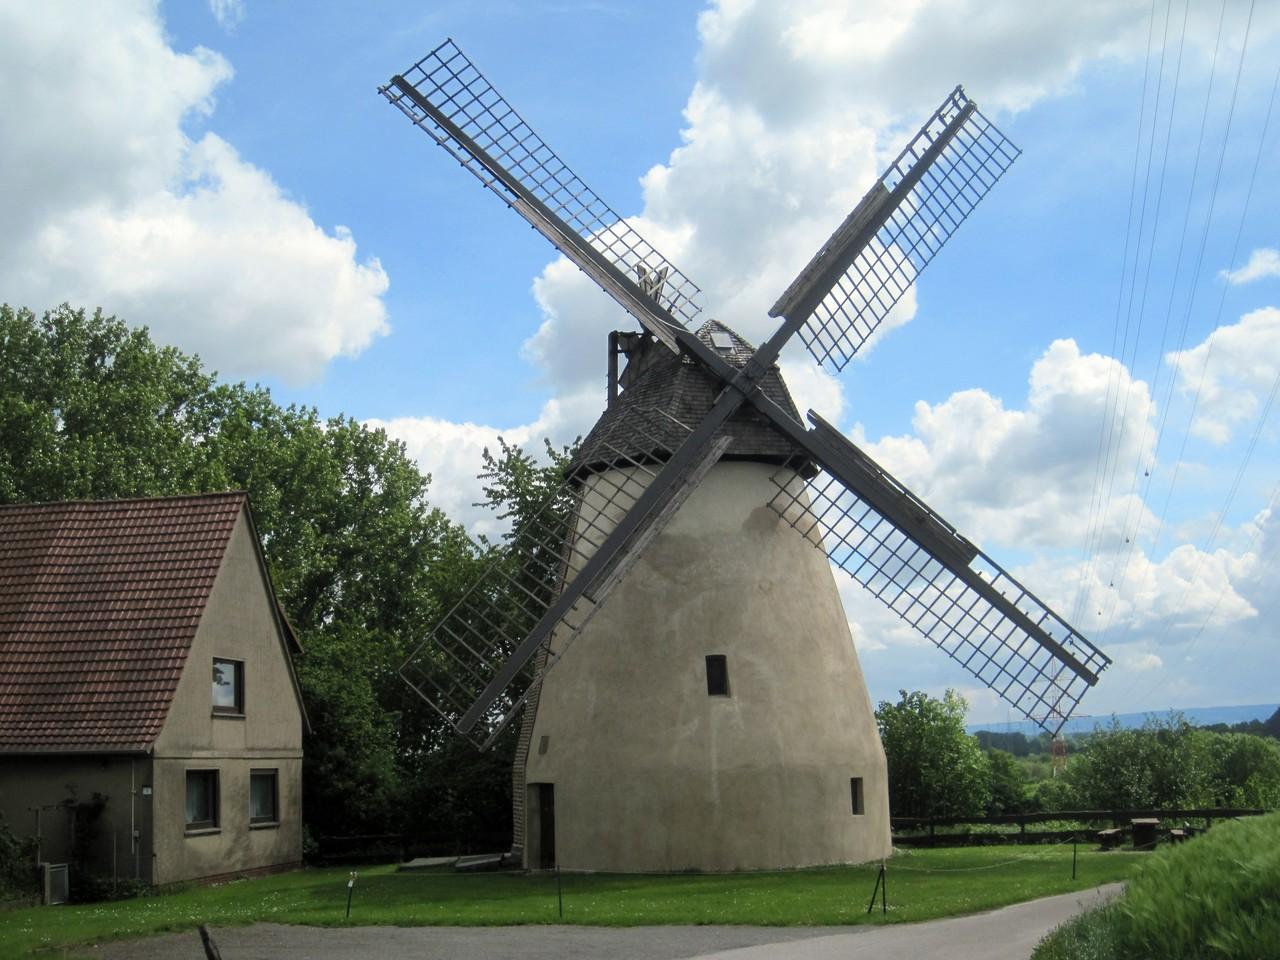 Valentins Mühle in Todtenhausen - Erd-Holländer von 1858